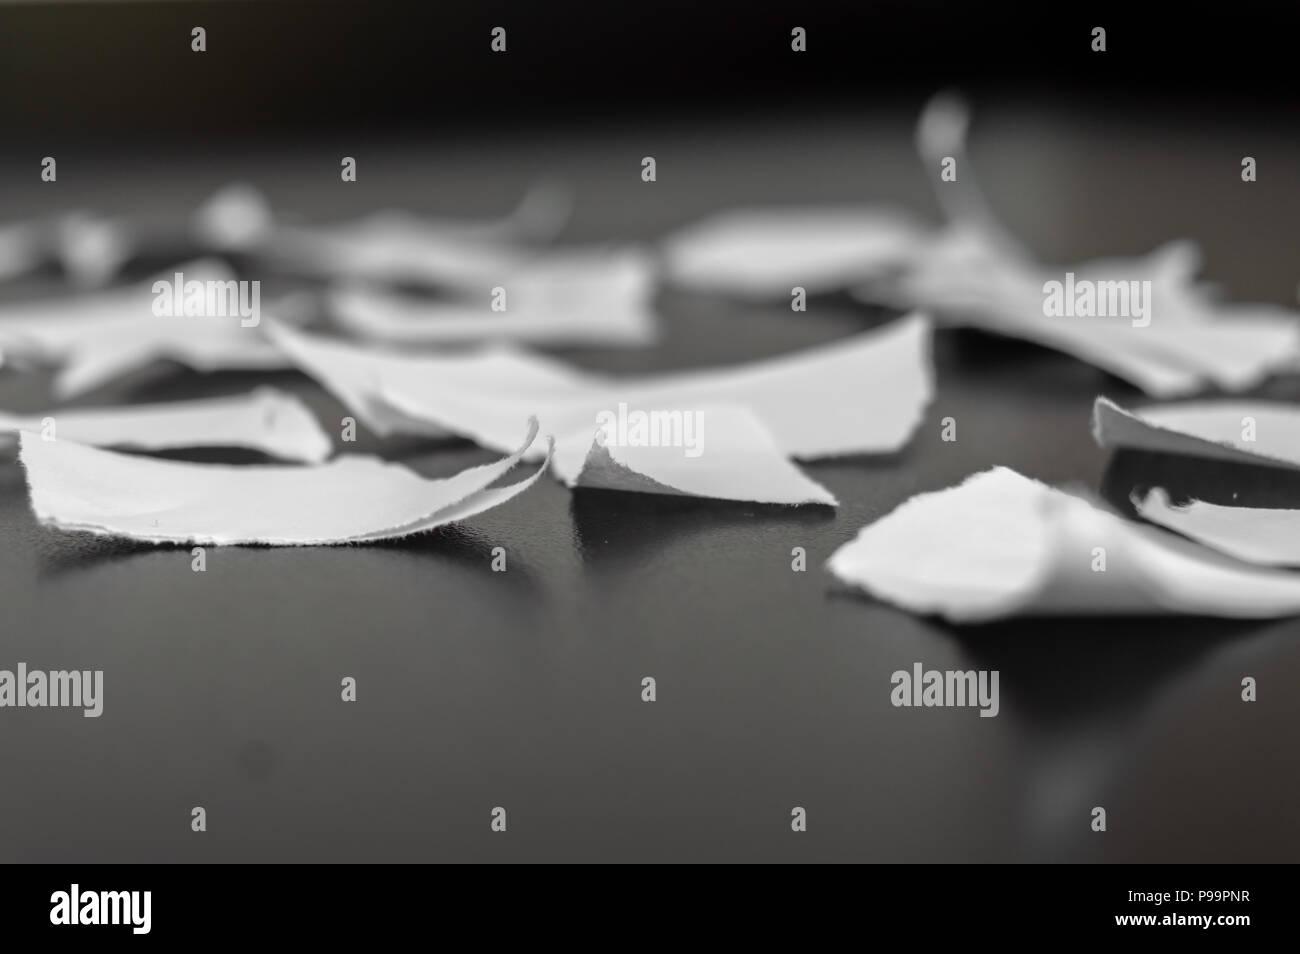 Rip en muchos pedazos de papel sobre una superficie negra Foto de stock